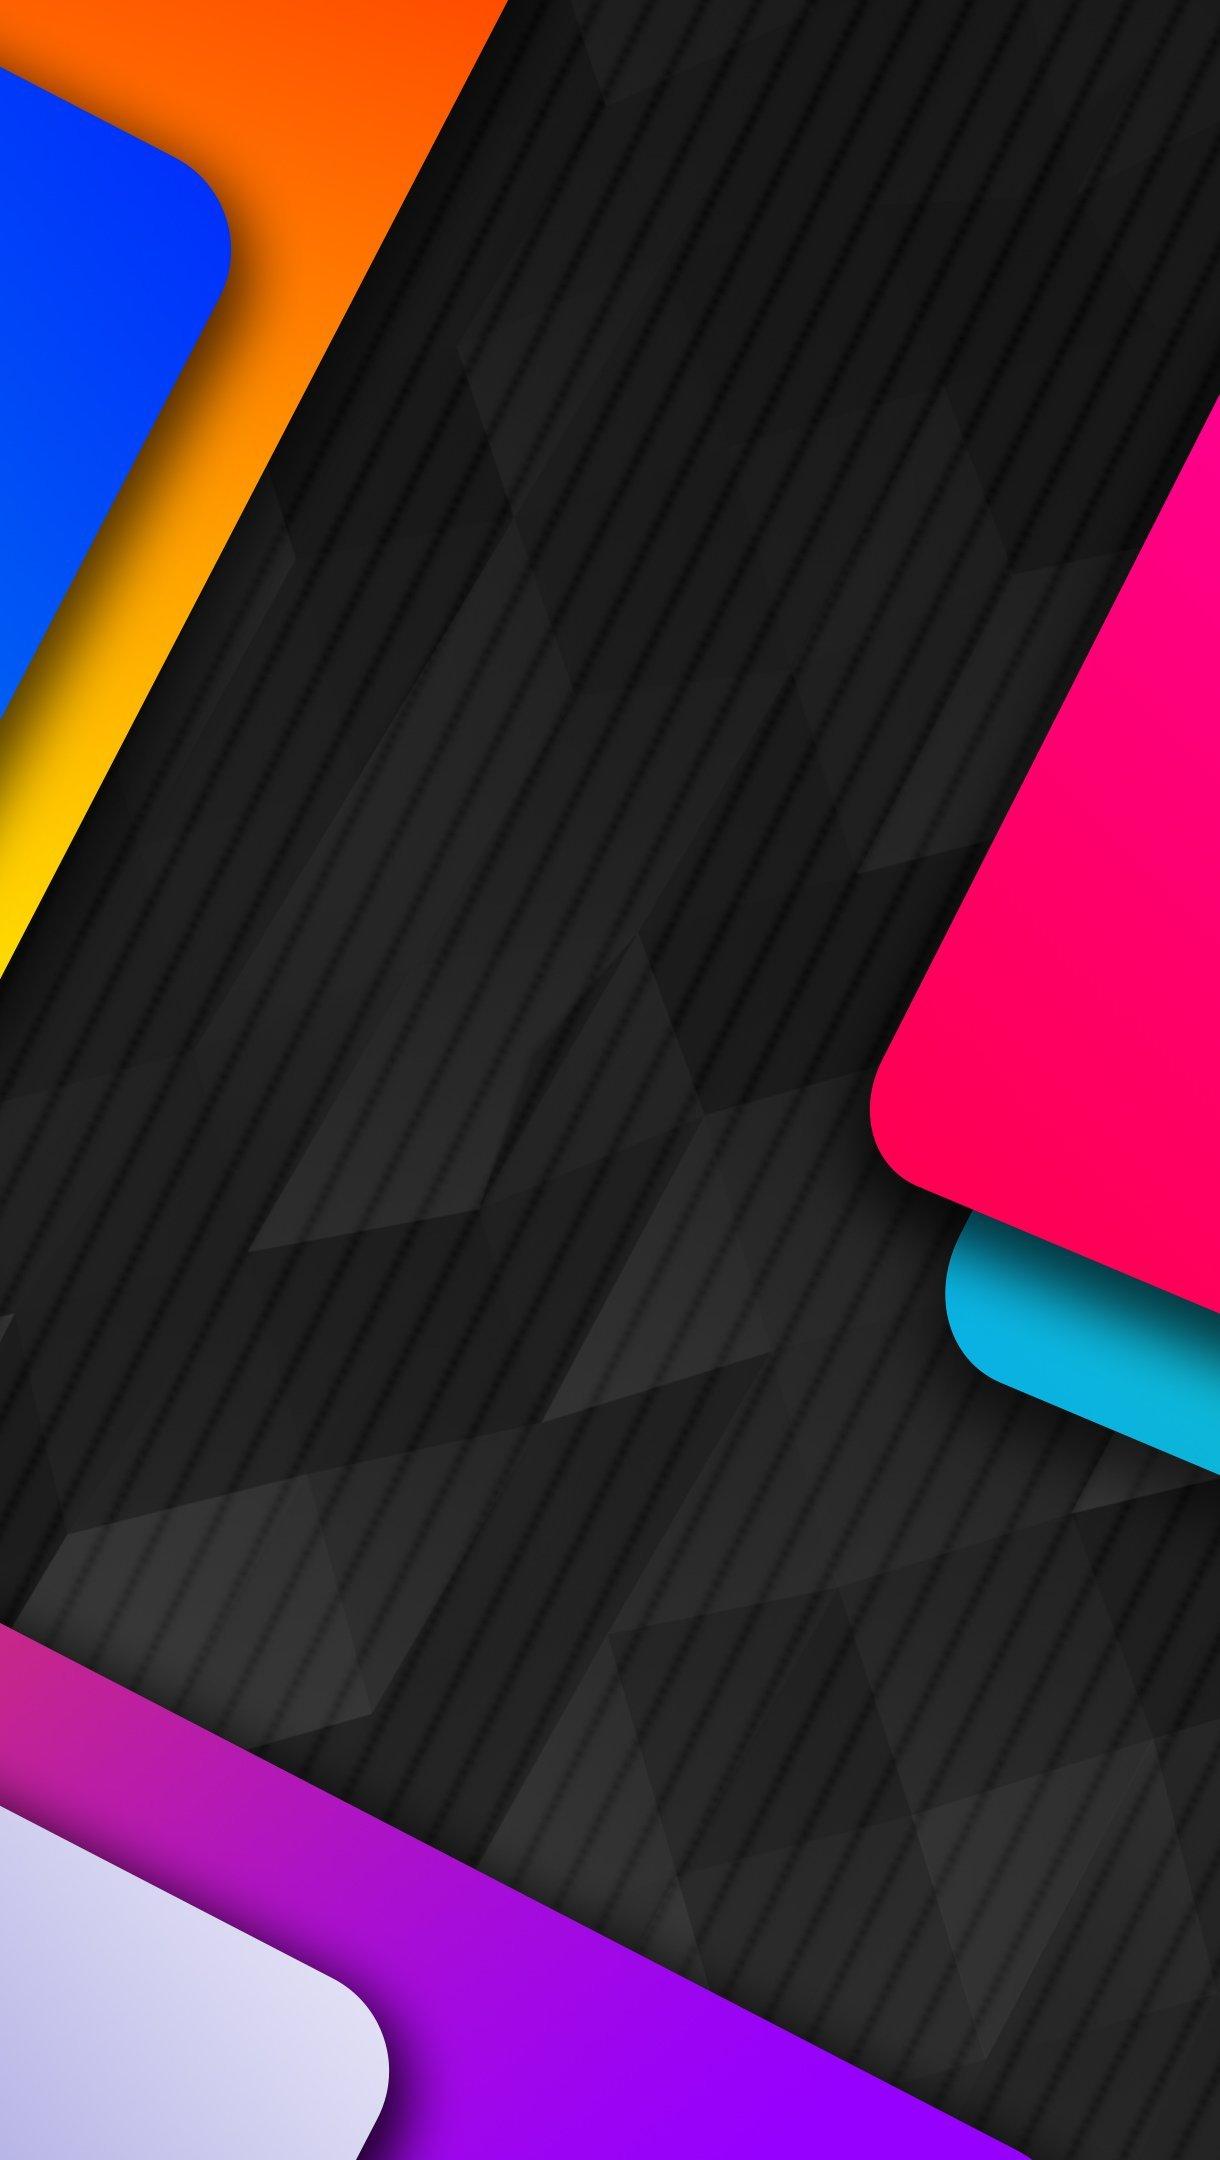 Wallpaper Material Design Metal Colors Vertical